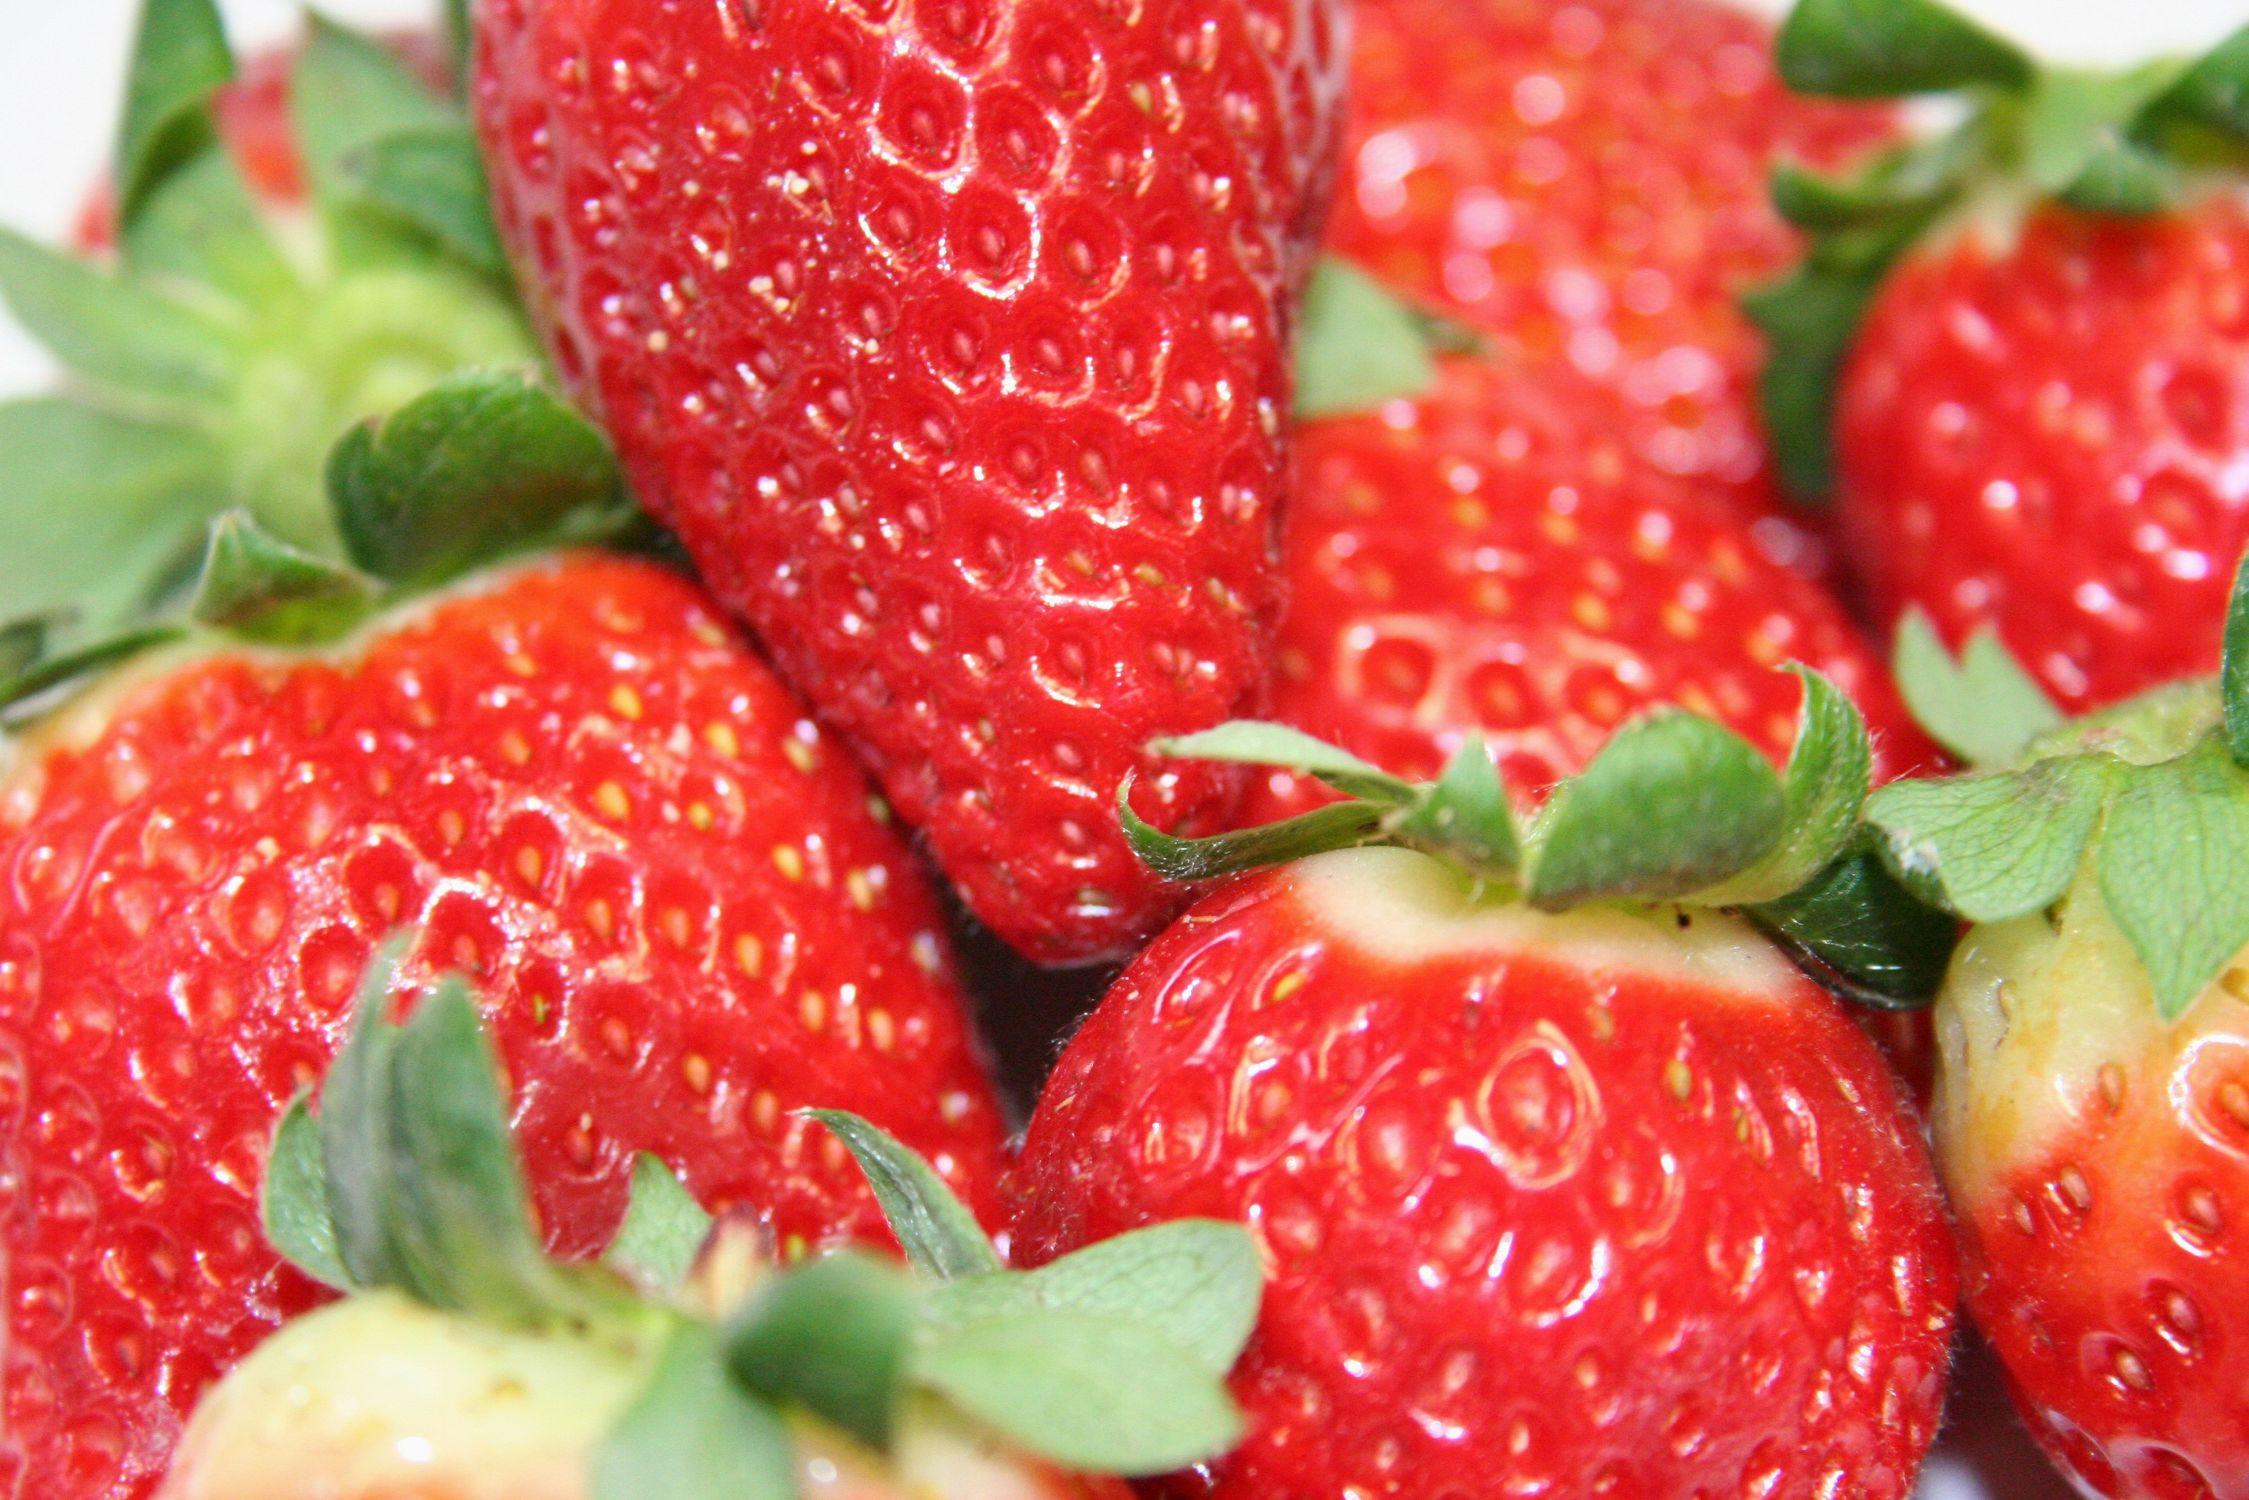 Bild mit Gegenstände, Natur, Pflanzen, Früchte, Lebensmittel, Essen, Rot, Beeren, Frucht, Erdbeere, Erdbeeren, Strawberry, Küchenbilder, KITCHEN, Küche